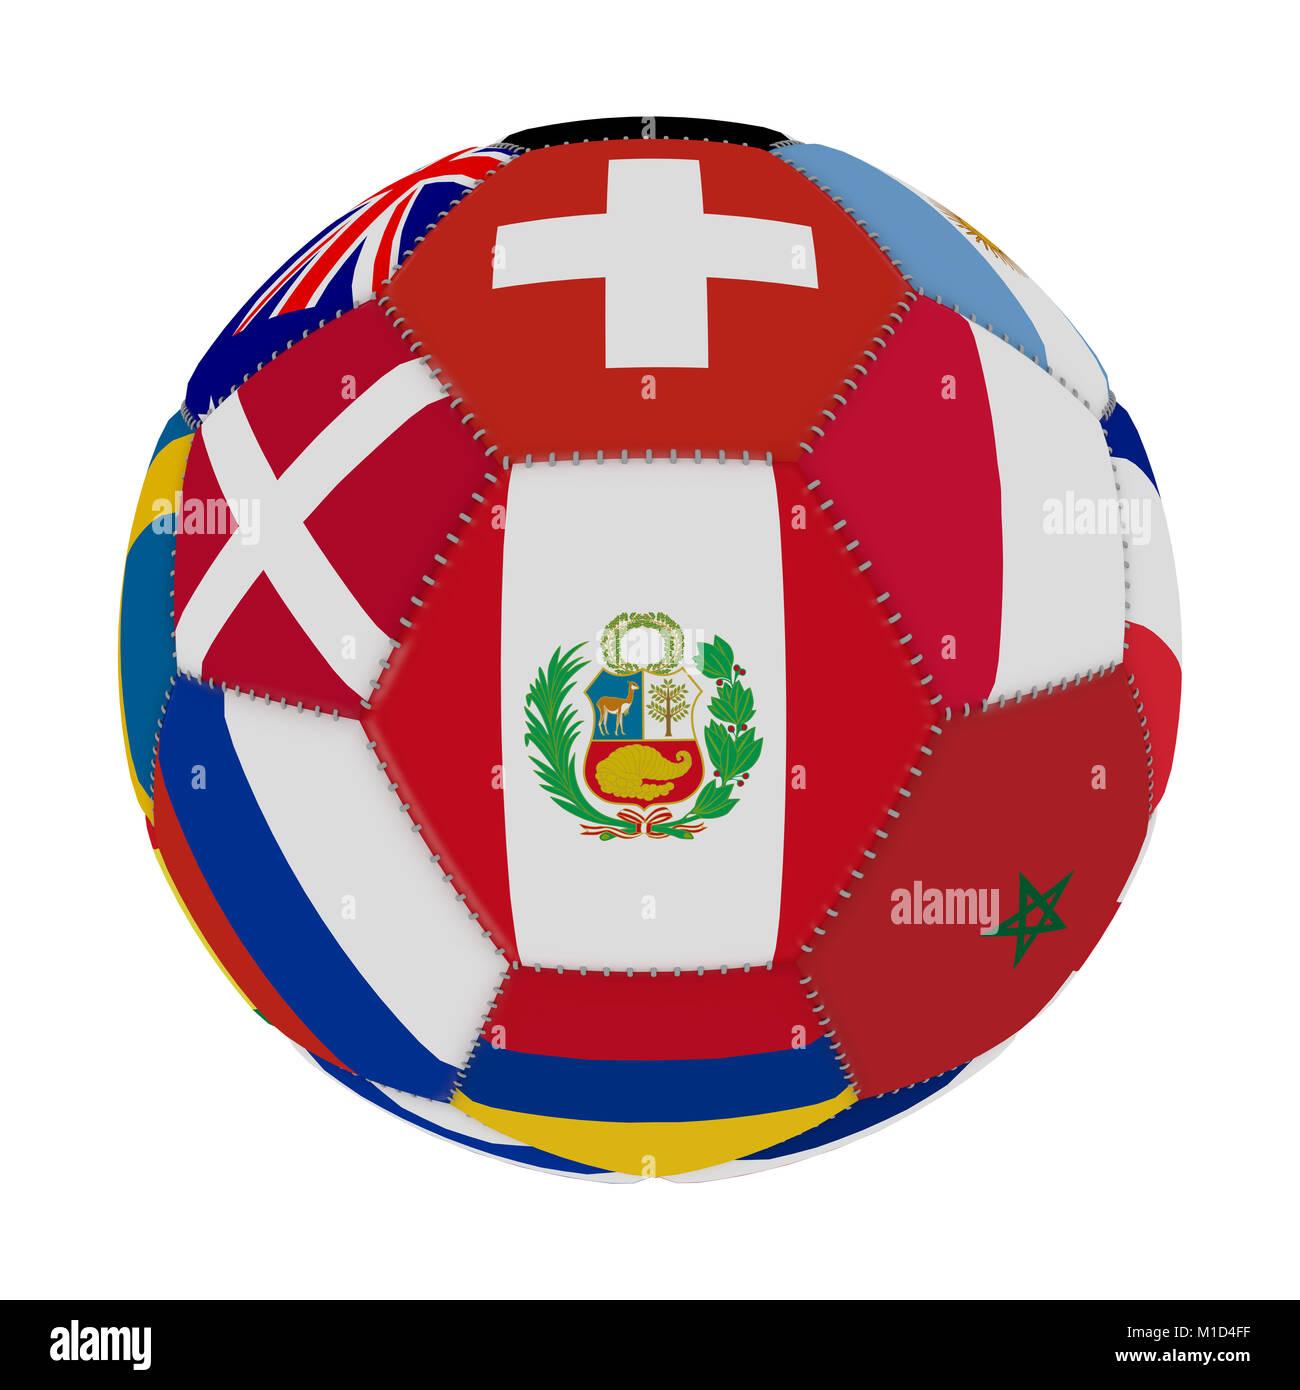 Balón de fútbol con el color de las banderas de los países participantes en  el mundo f11dd13b18e89